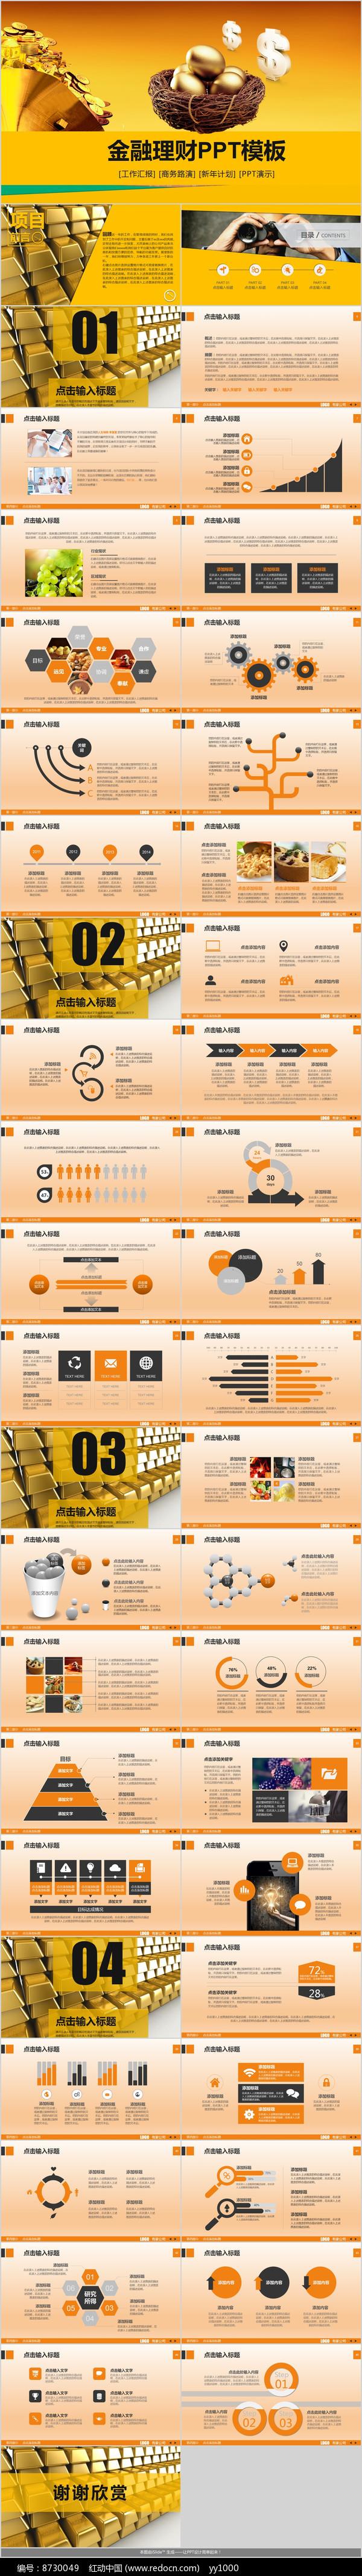 商务金融理财总结PPT模板图片